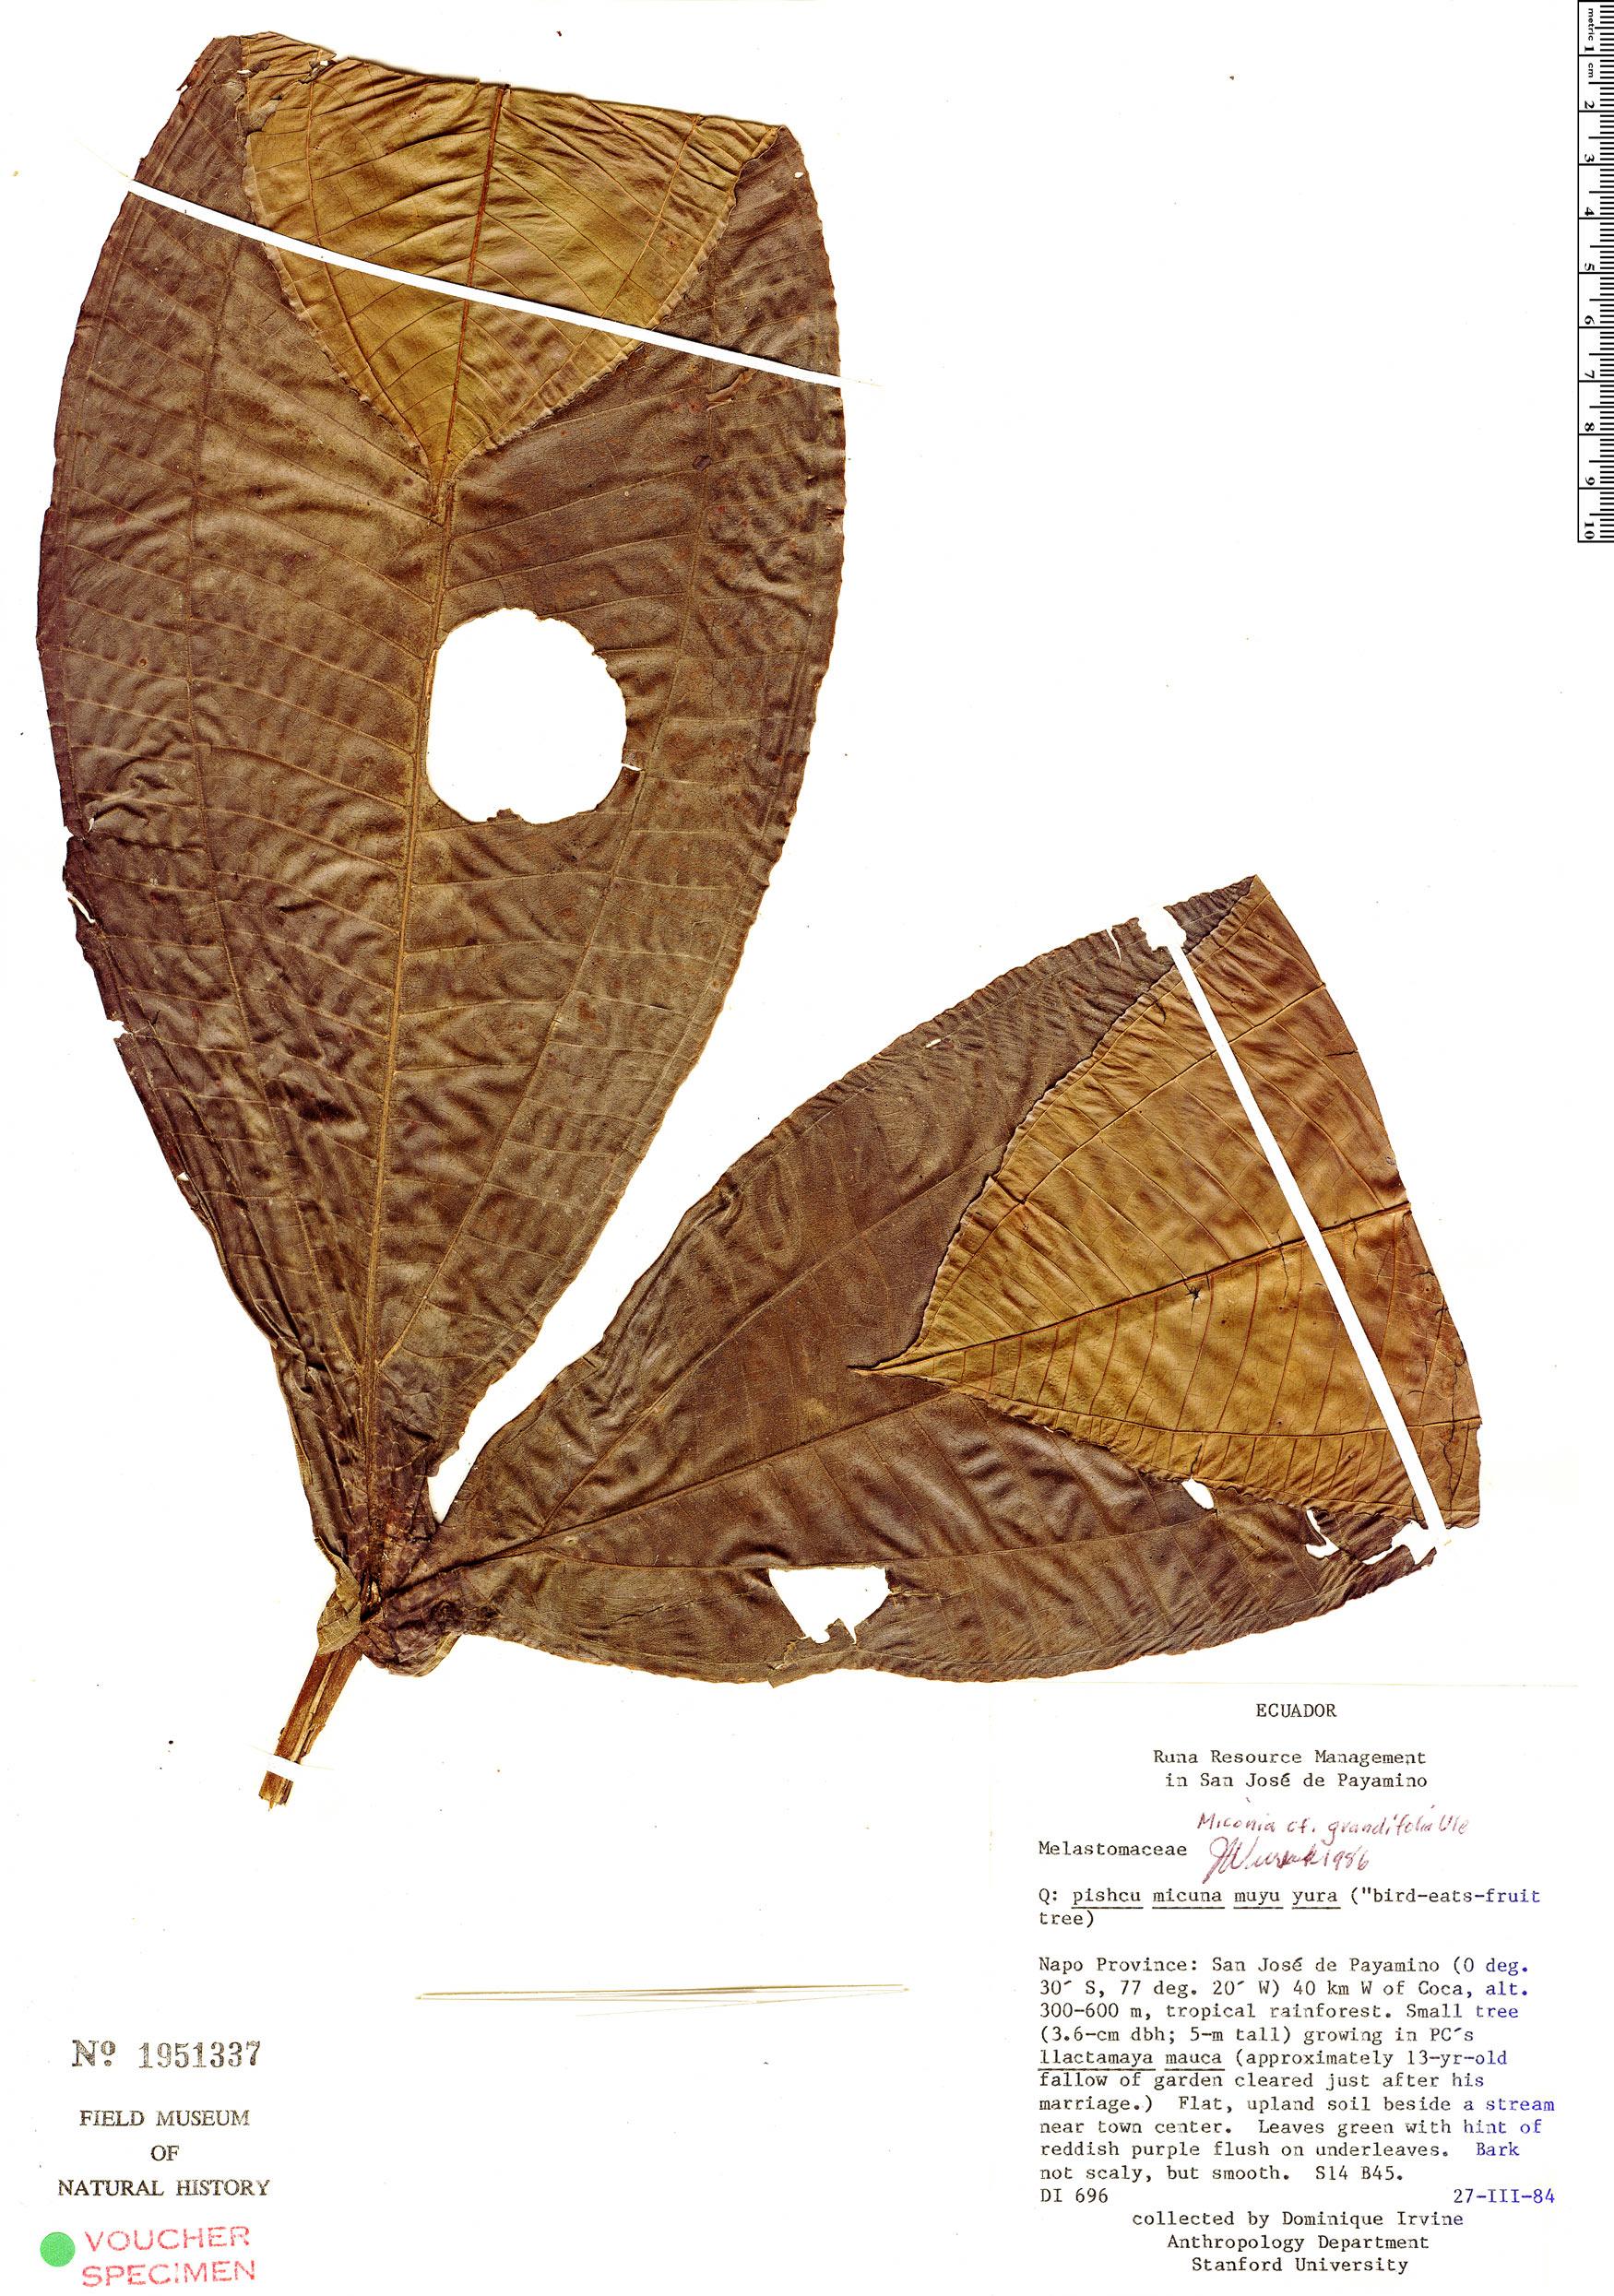 Espécimen: Miconia grandifoliata